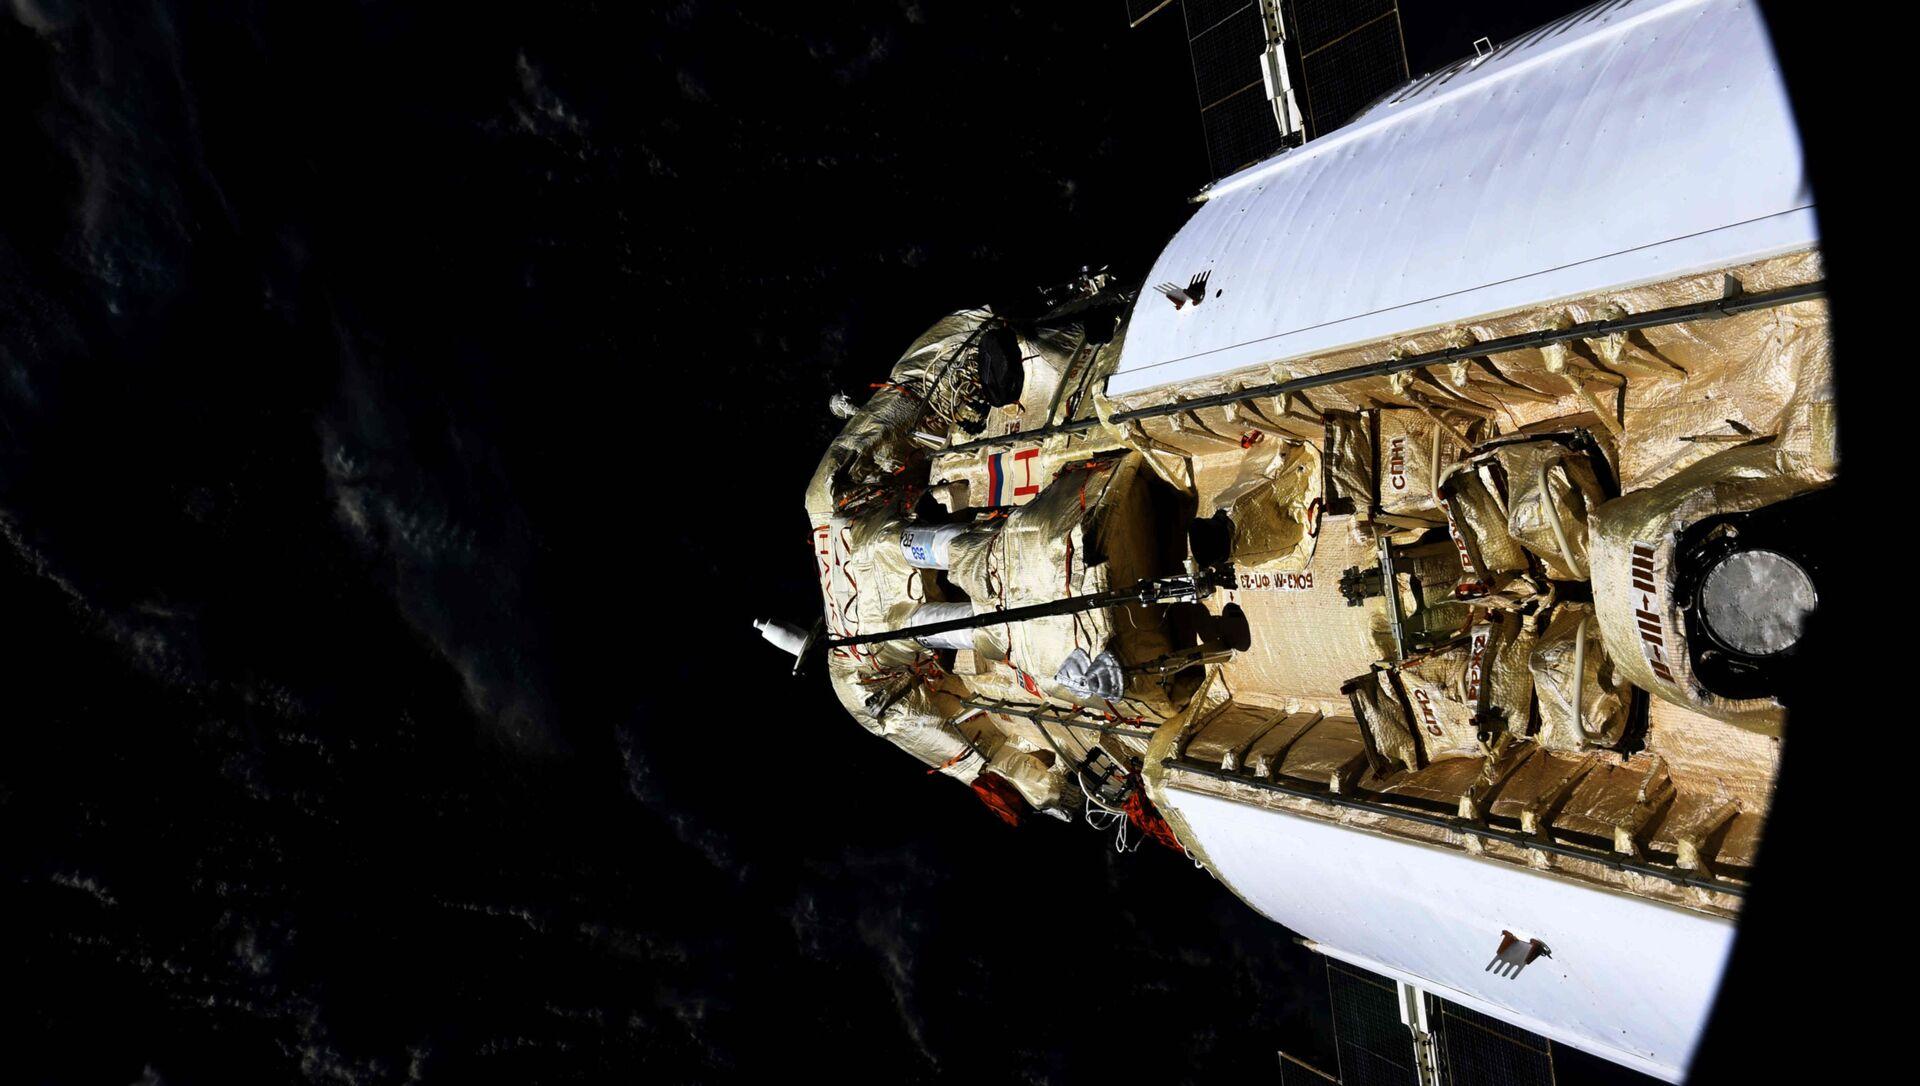 En mode automatique, le module scientifique Nauka s'est arrimé avec succès à l'ISS, le 29 juillet 2021 - Sputnik France, 1920, 30.07.2021